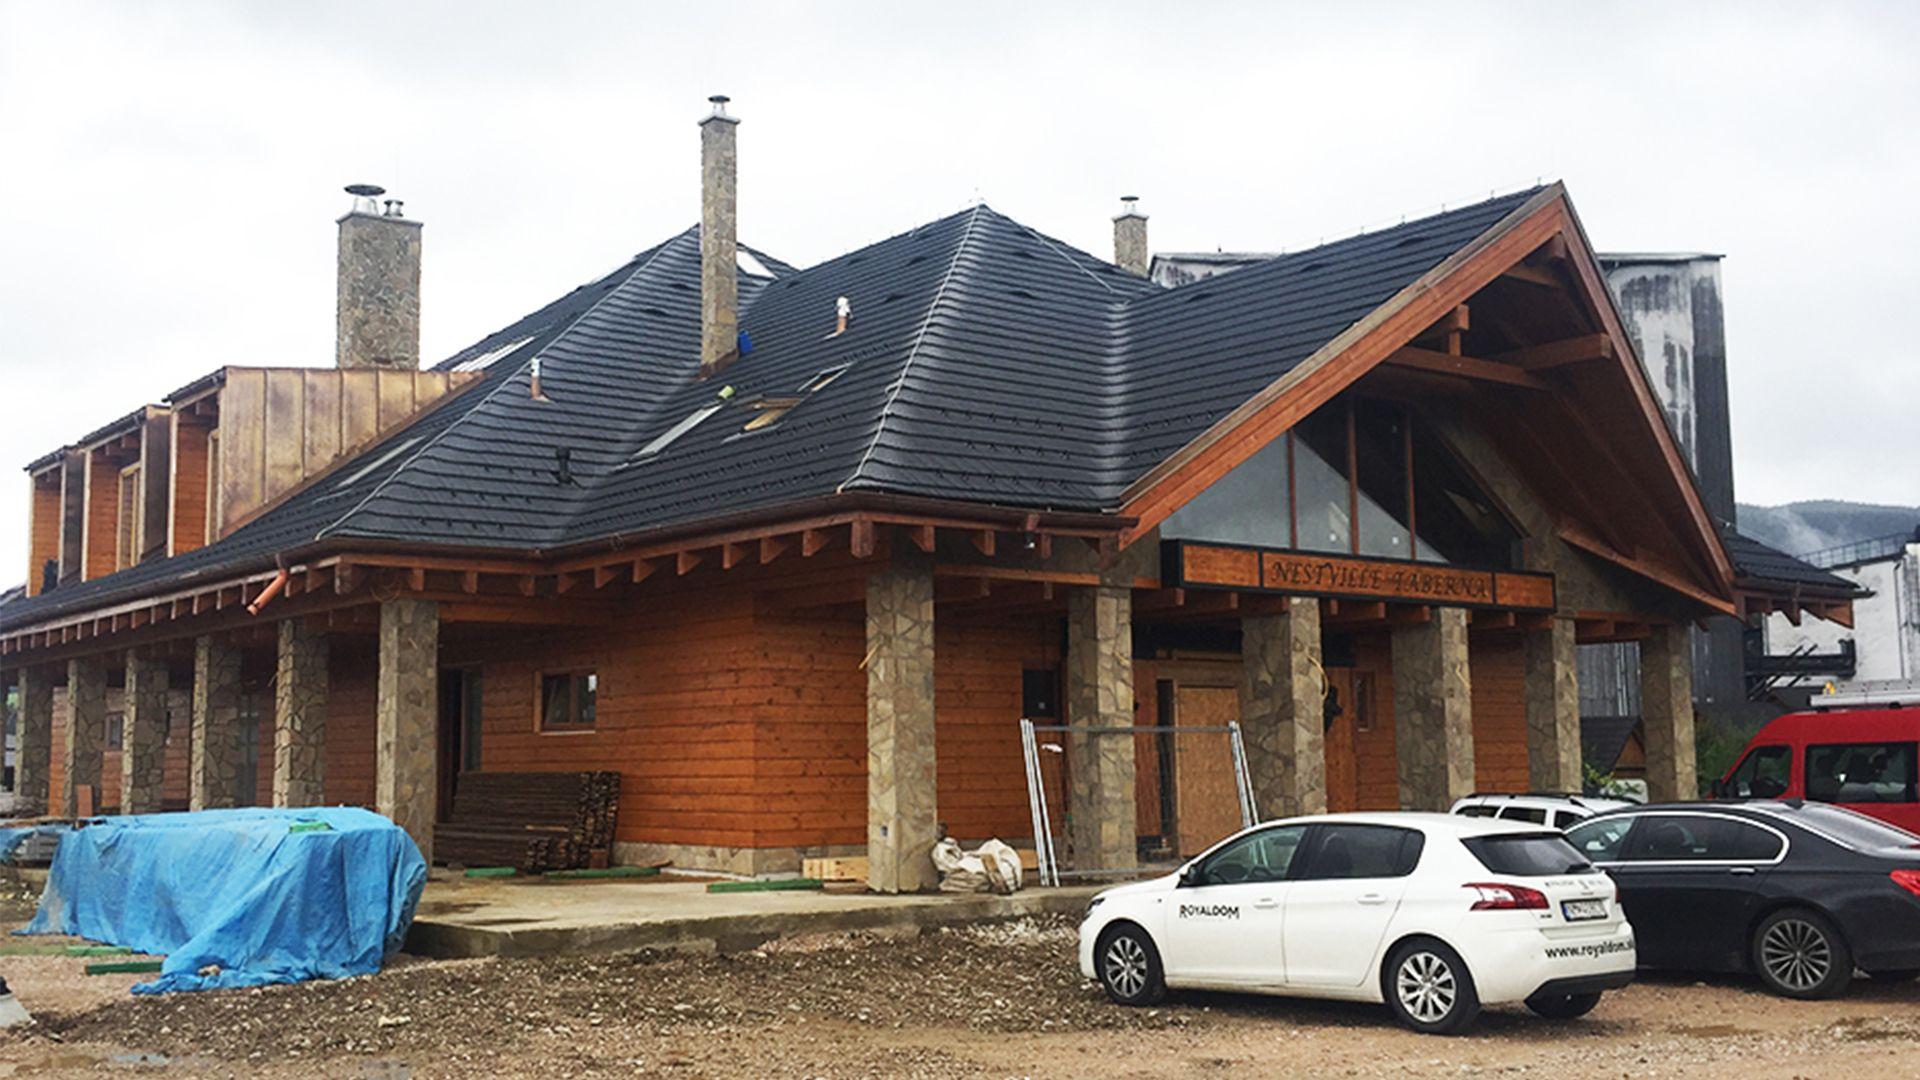 Výstavba Nestville Taberna, Stará Ľubovňa